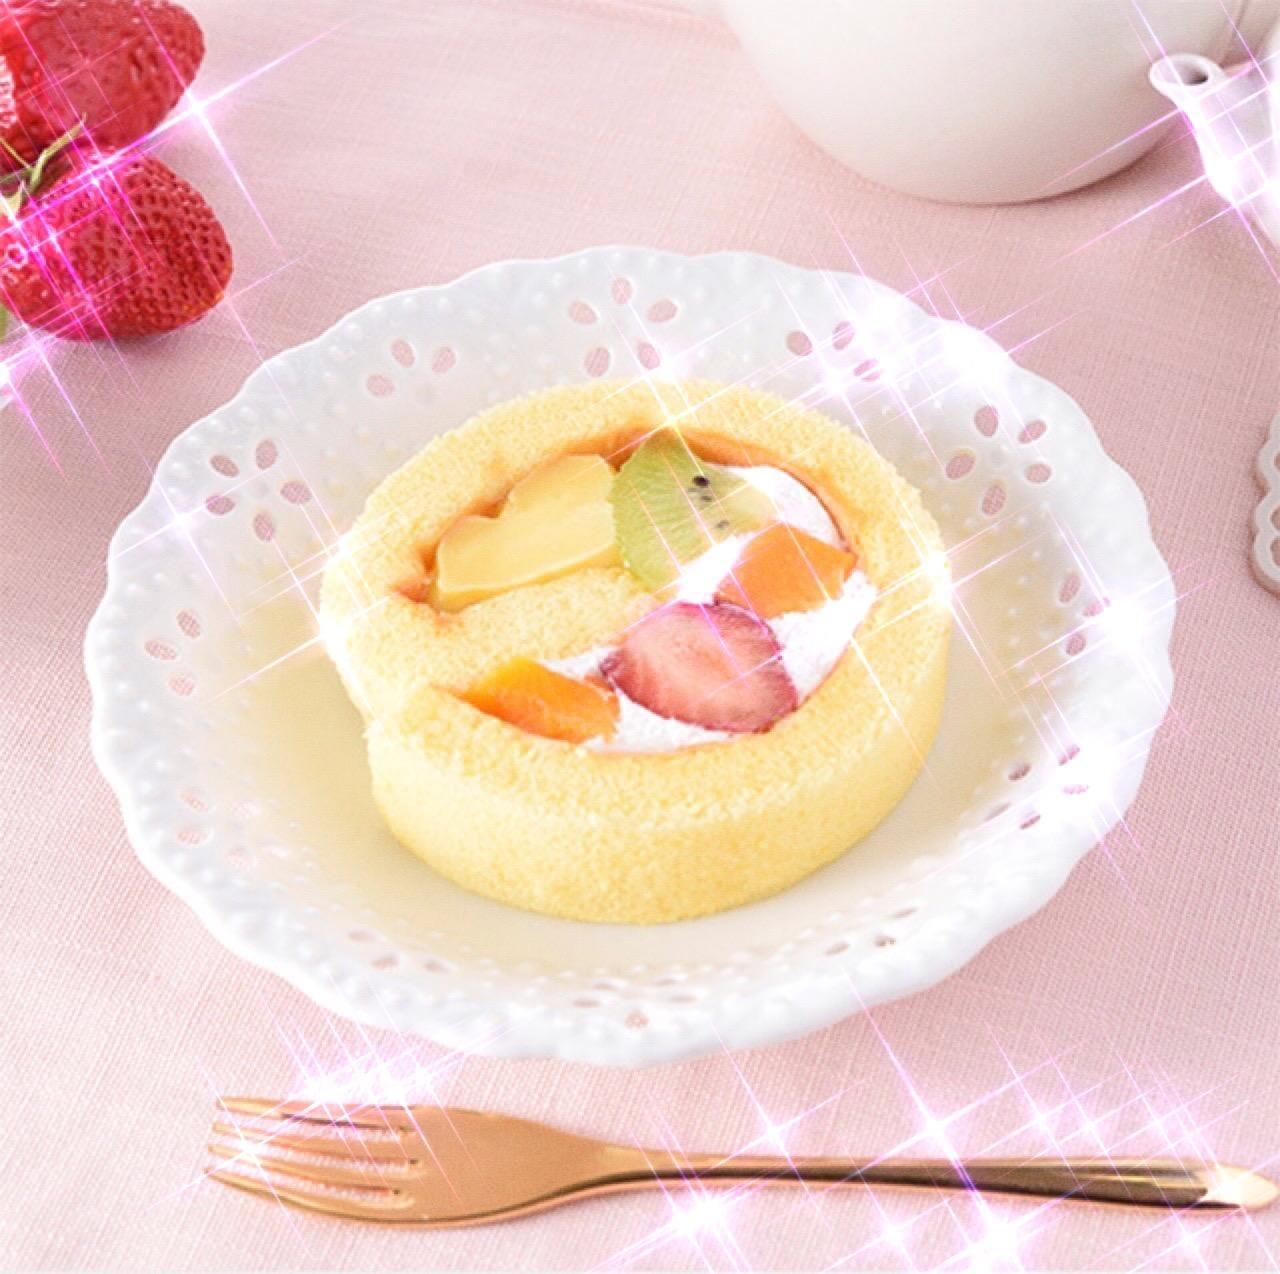 「ロールケーキ」04/07(04/07) 10:21 | みいなの写メ・風俗動画